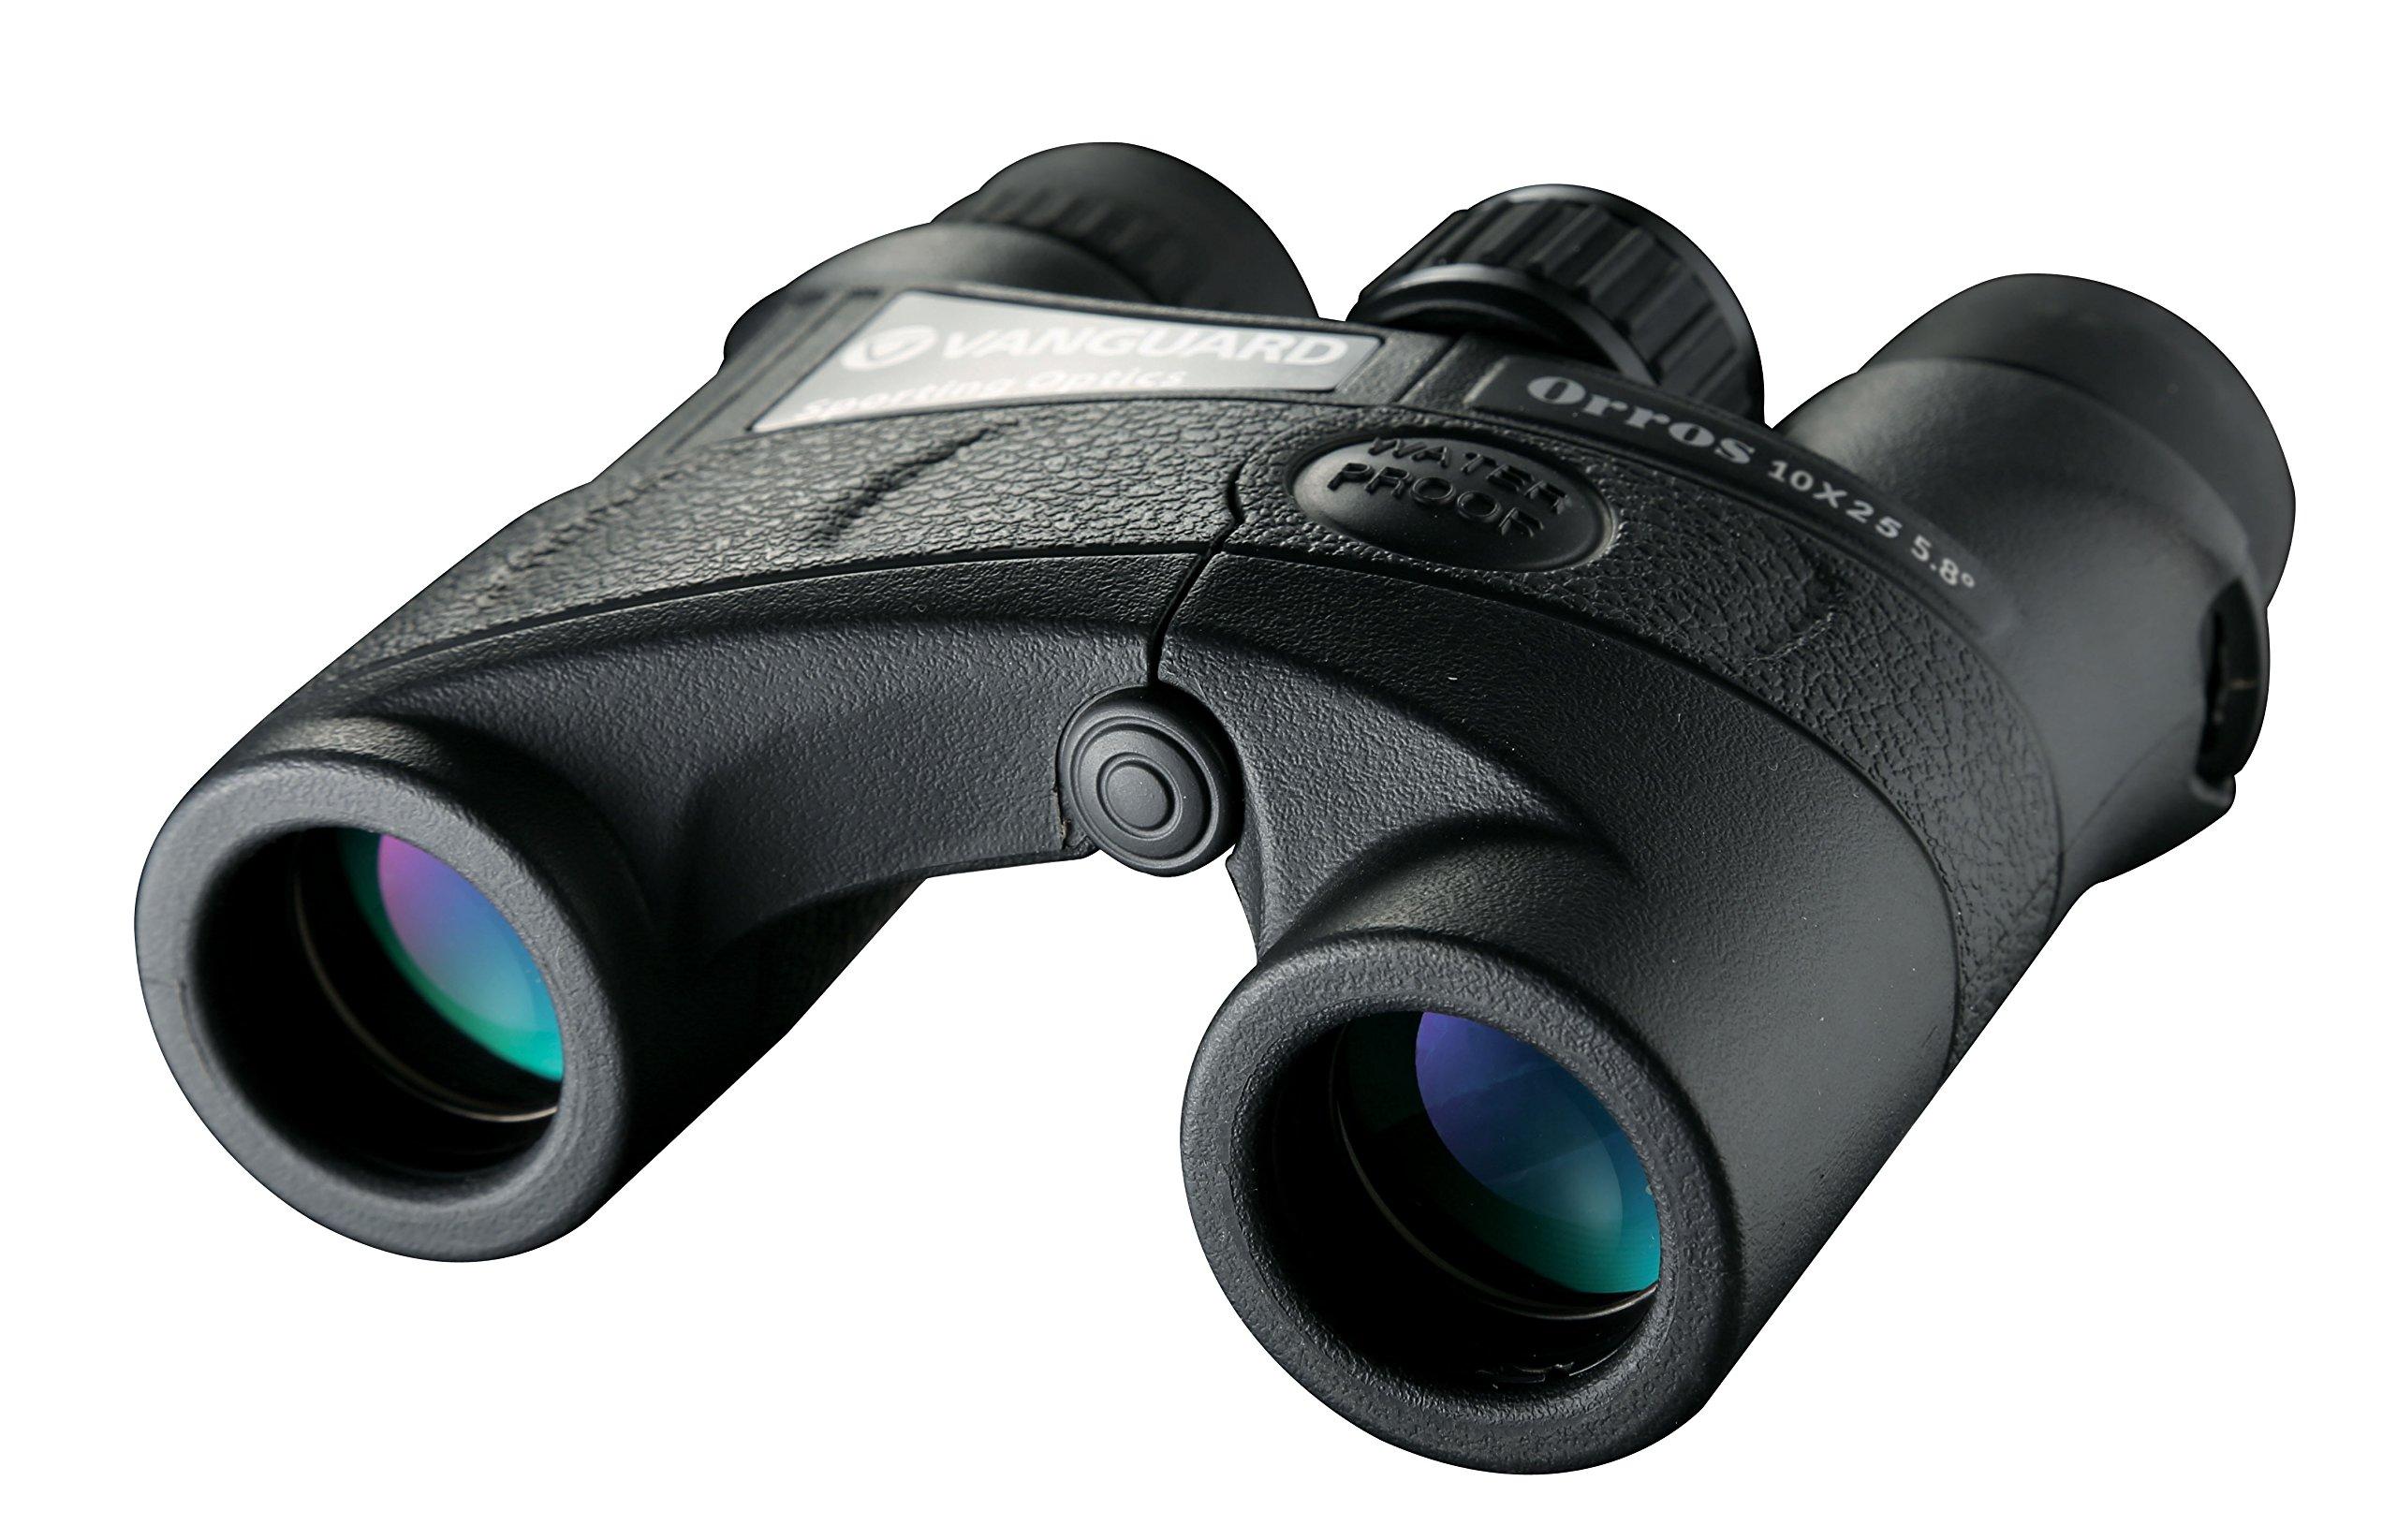 Vanguard Orros 8x25 Lightweight Compact Binocular, Waterproof/Fogproof by Vanguard